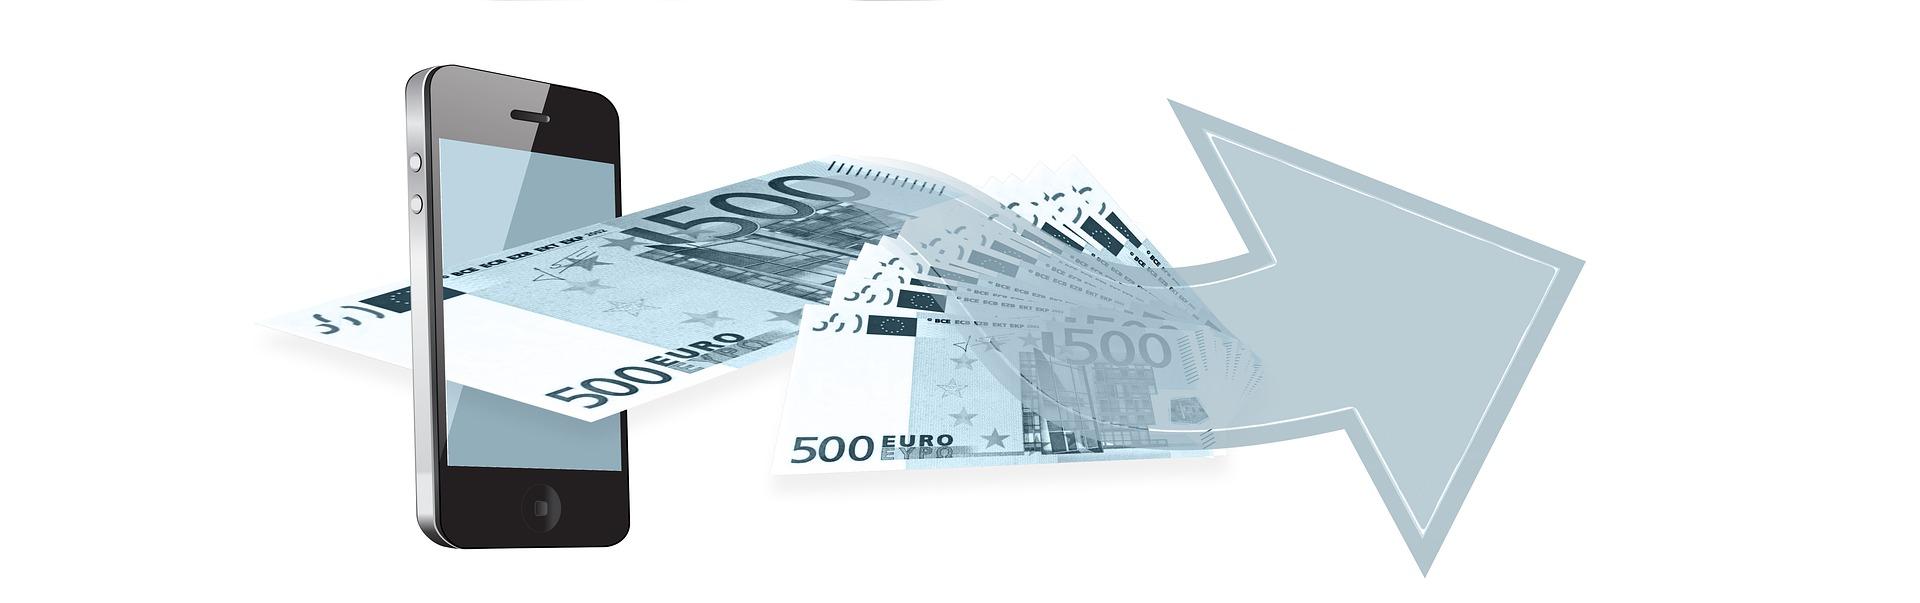 Los pagos con el móvil crecerán en Europa